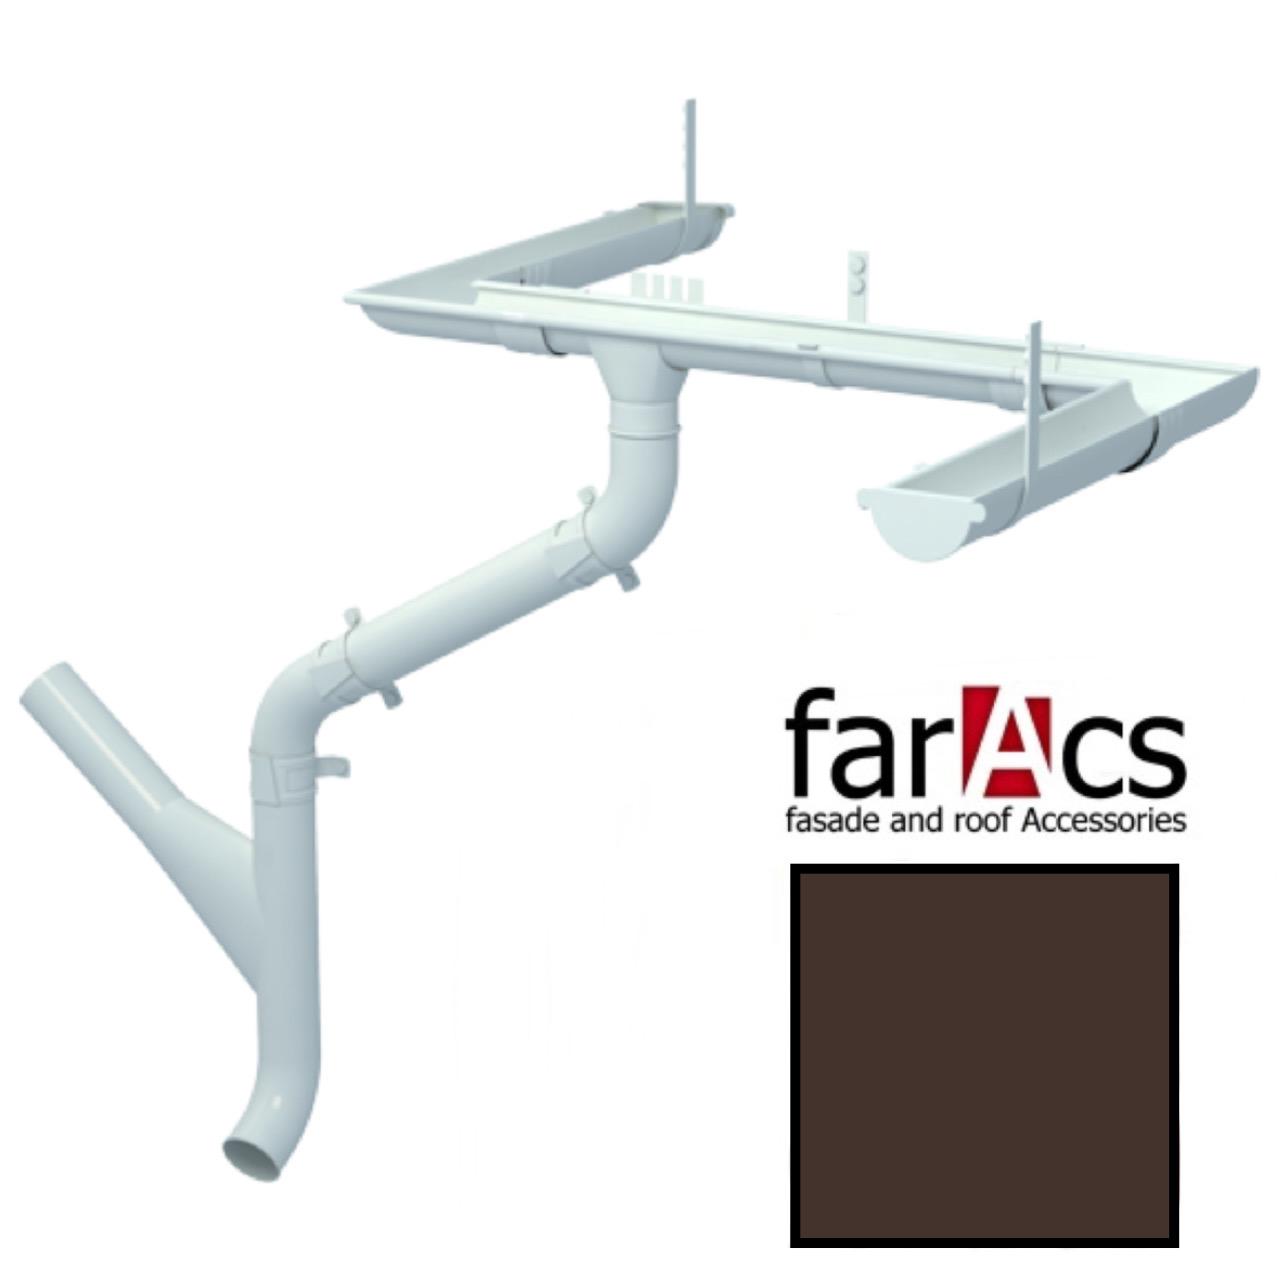 Пластиковый водосток Faracs 125/82 RAL 8017 (Коричневый)